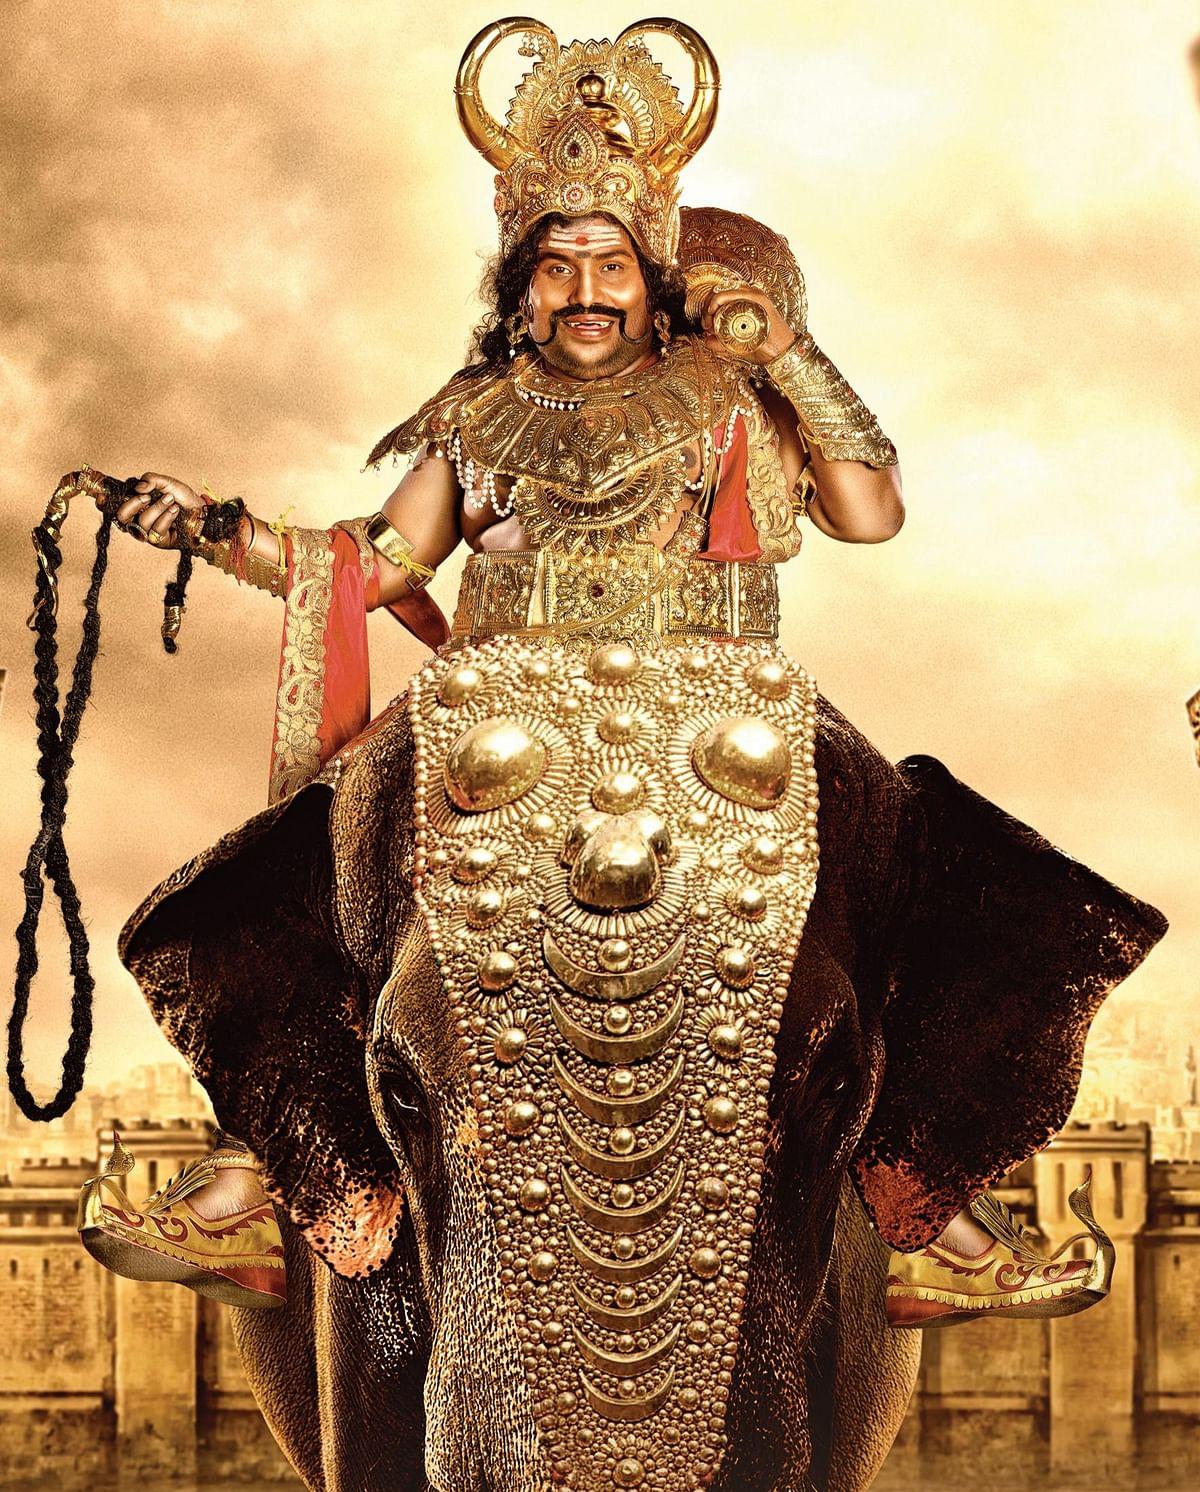 `அம்மா போனால் சின்னம்மா... ஐயா போனால் சின்னய்யா..!' - `தர்மபிரபு' டீசர்